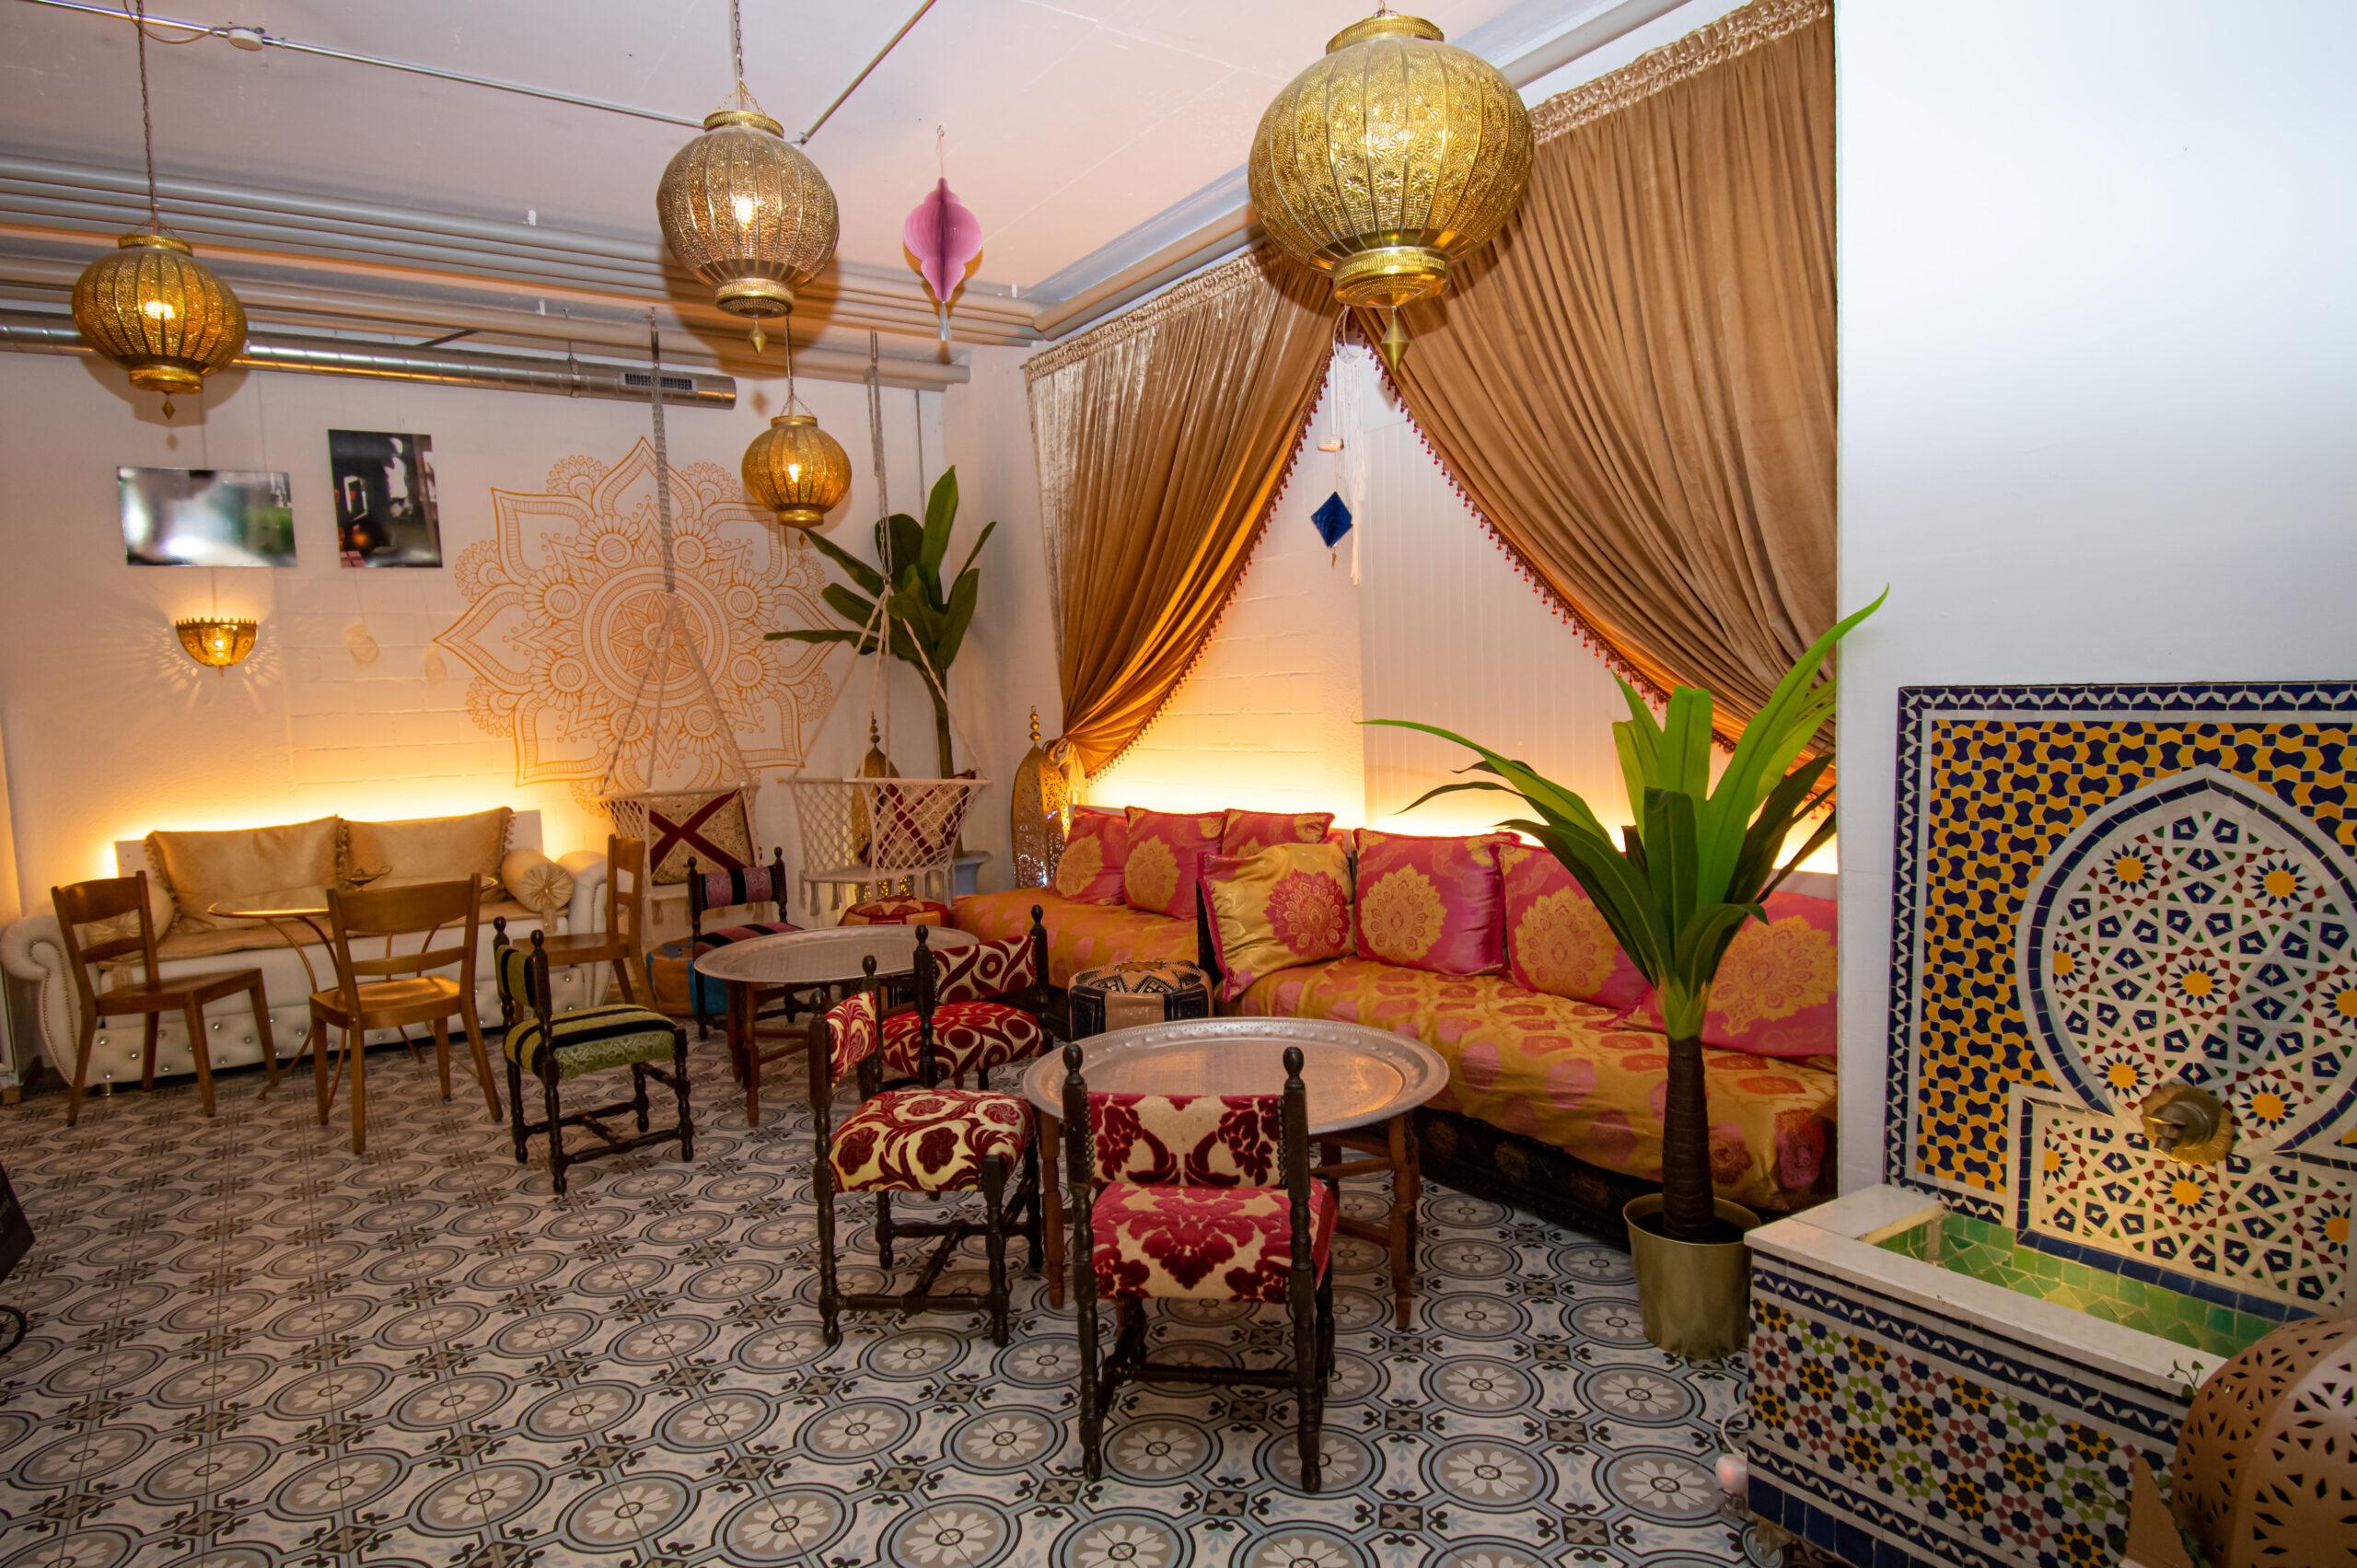 Eventlokal im orientalischen Stil in Albisrieden, Vipfitstyle, bis 20 Personen, Lokal, Events